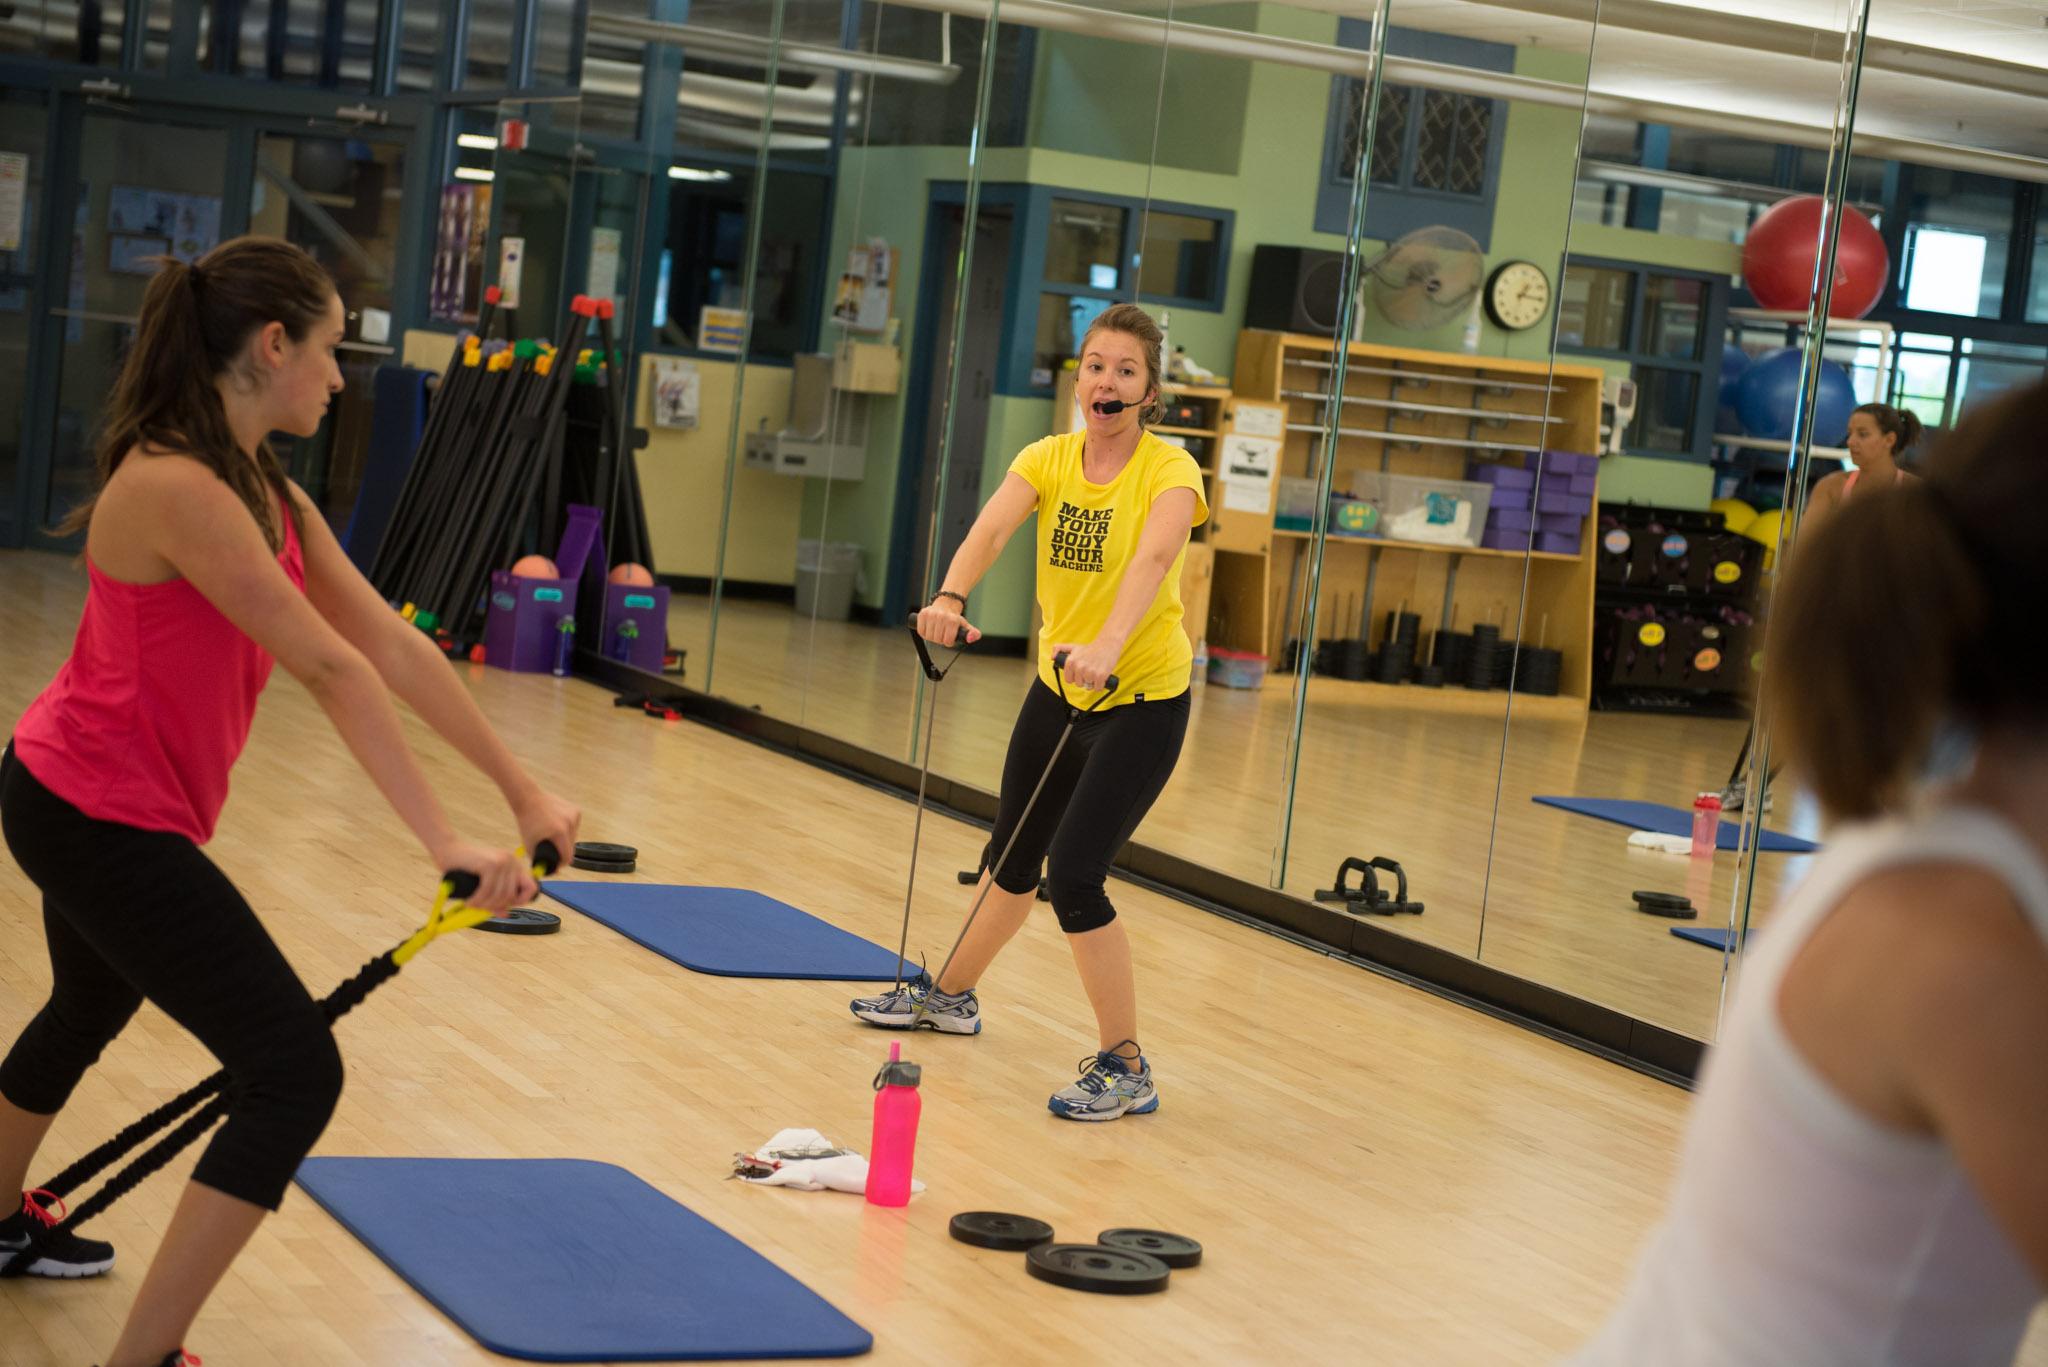 Wellness Center Stock Photos-1340.jpg